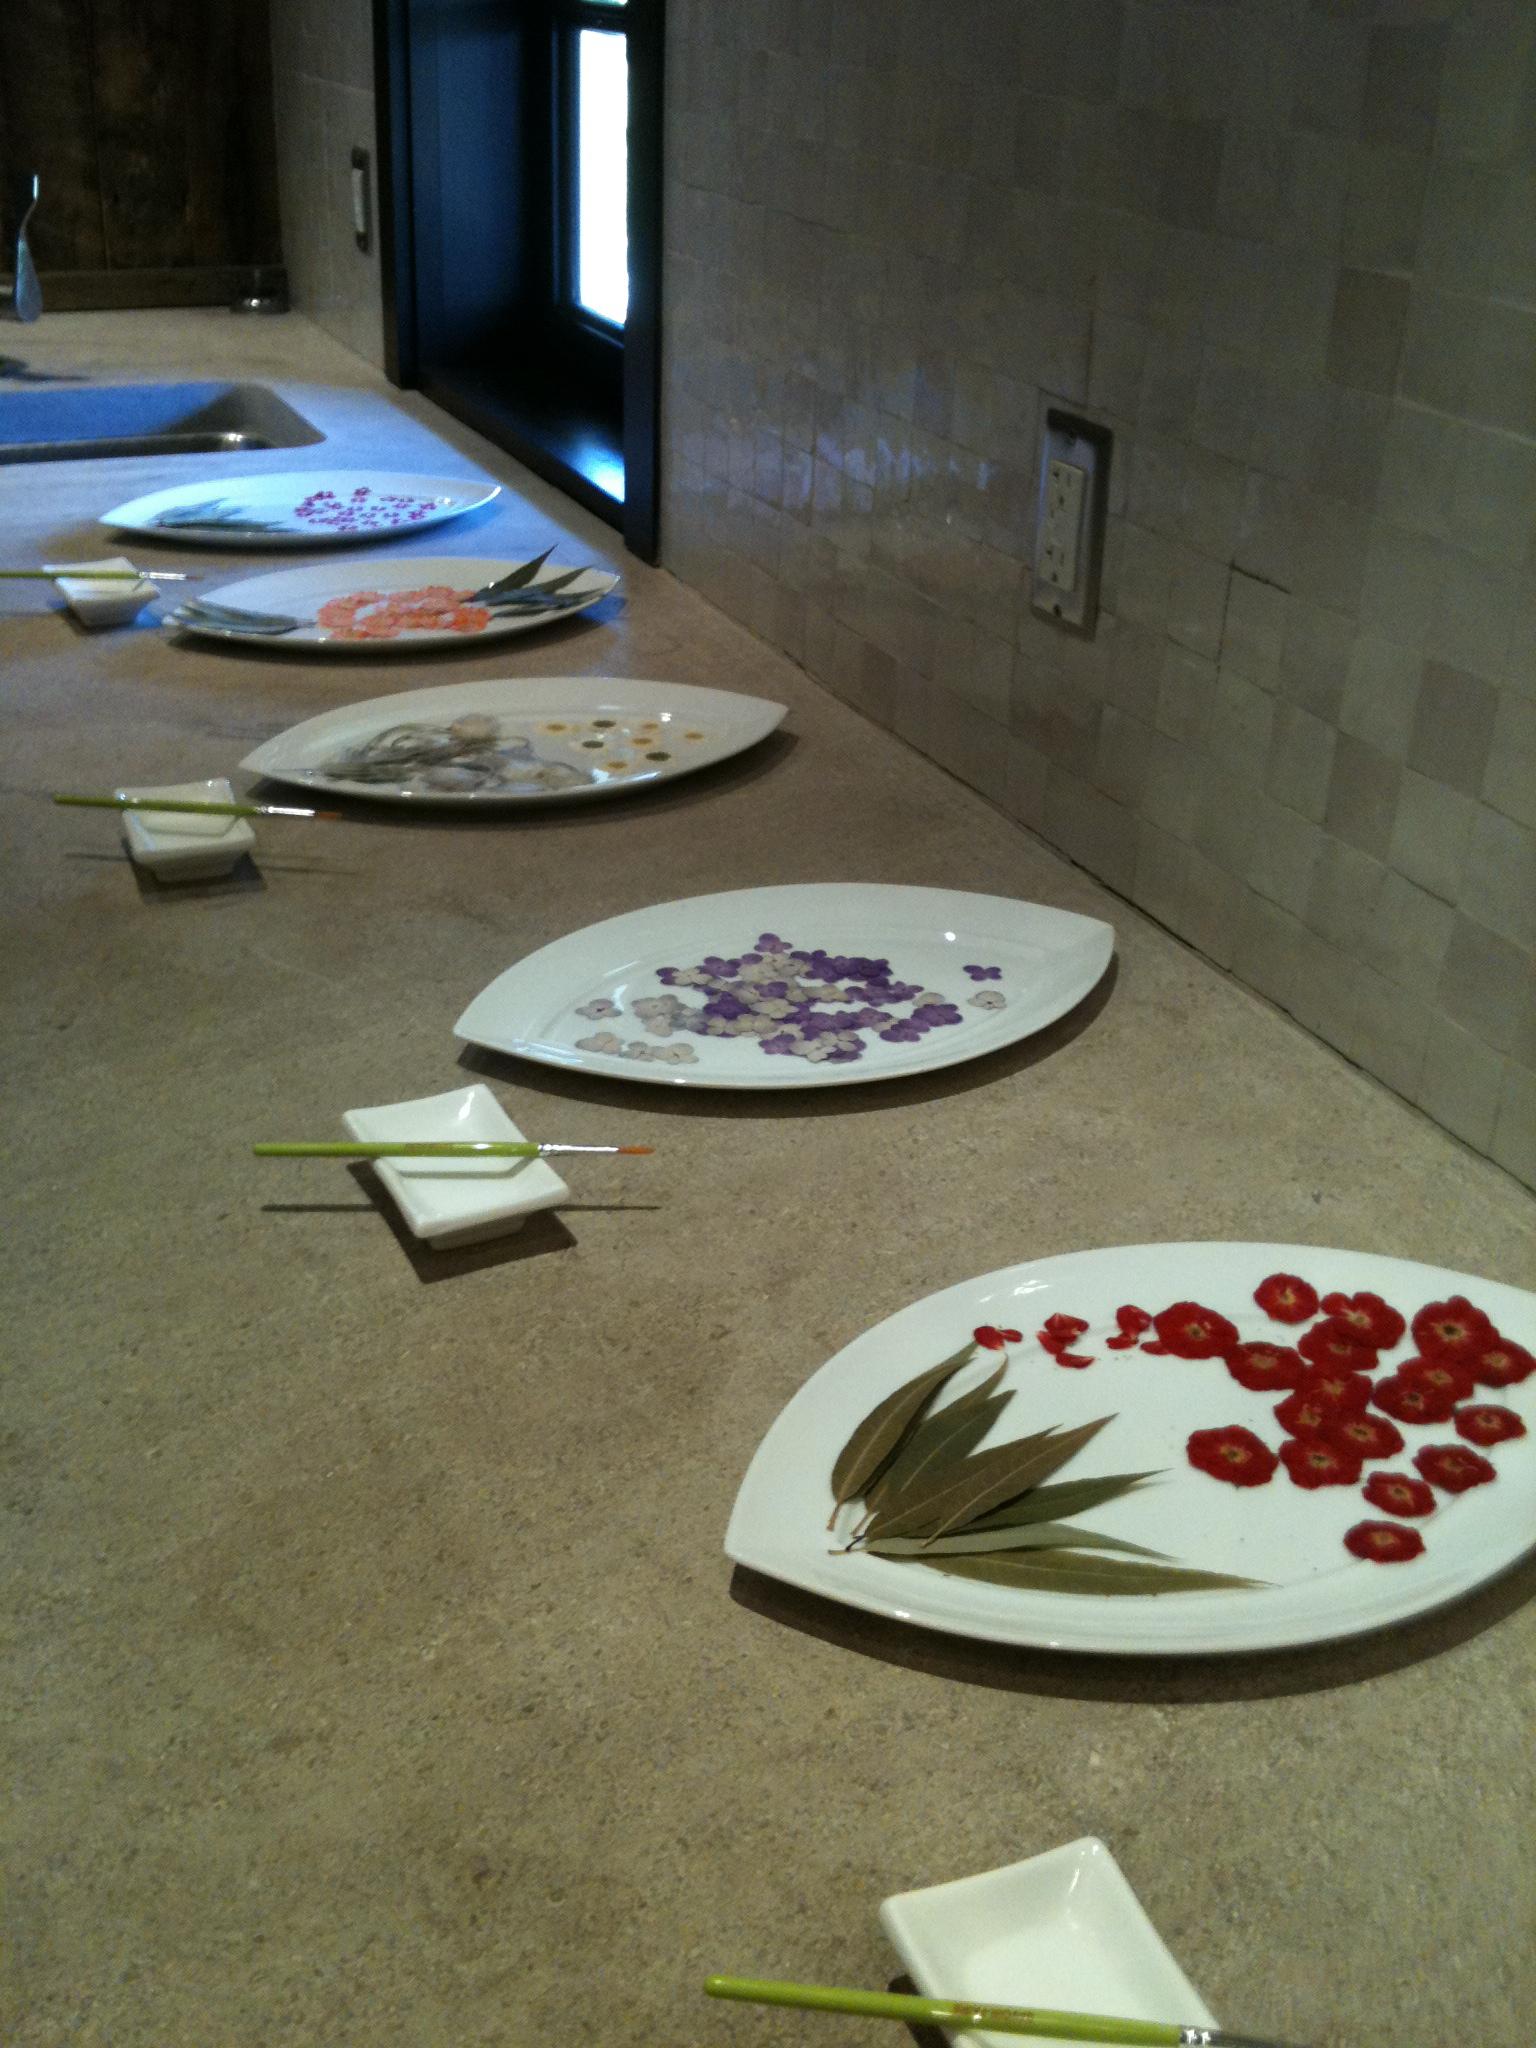 FlowersonPlates.JPG